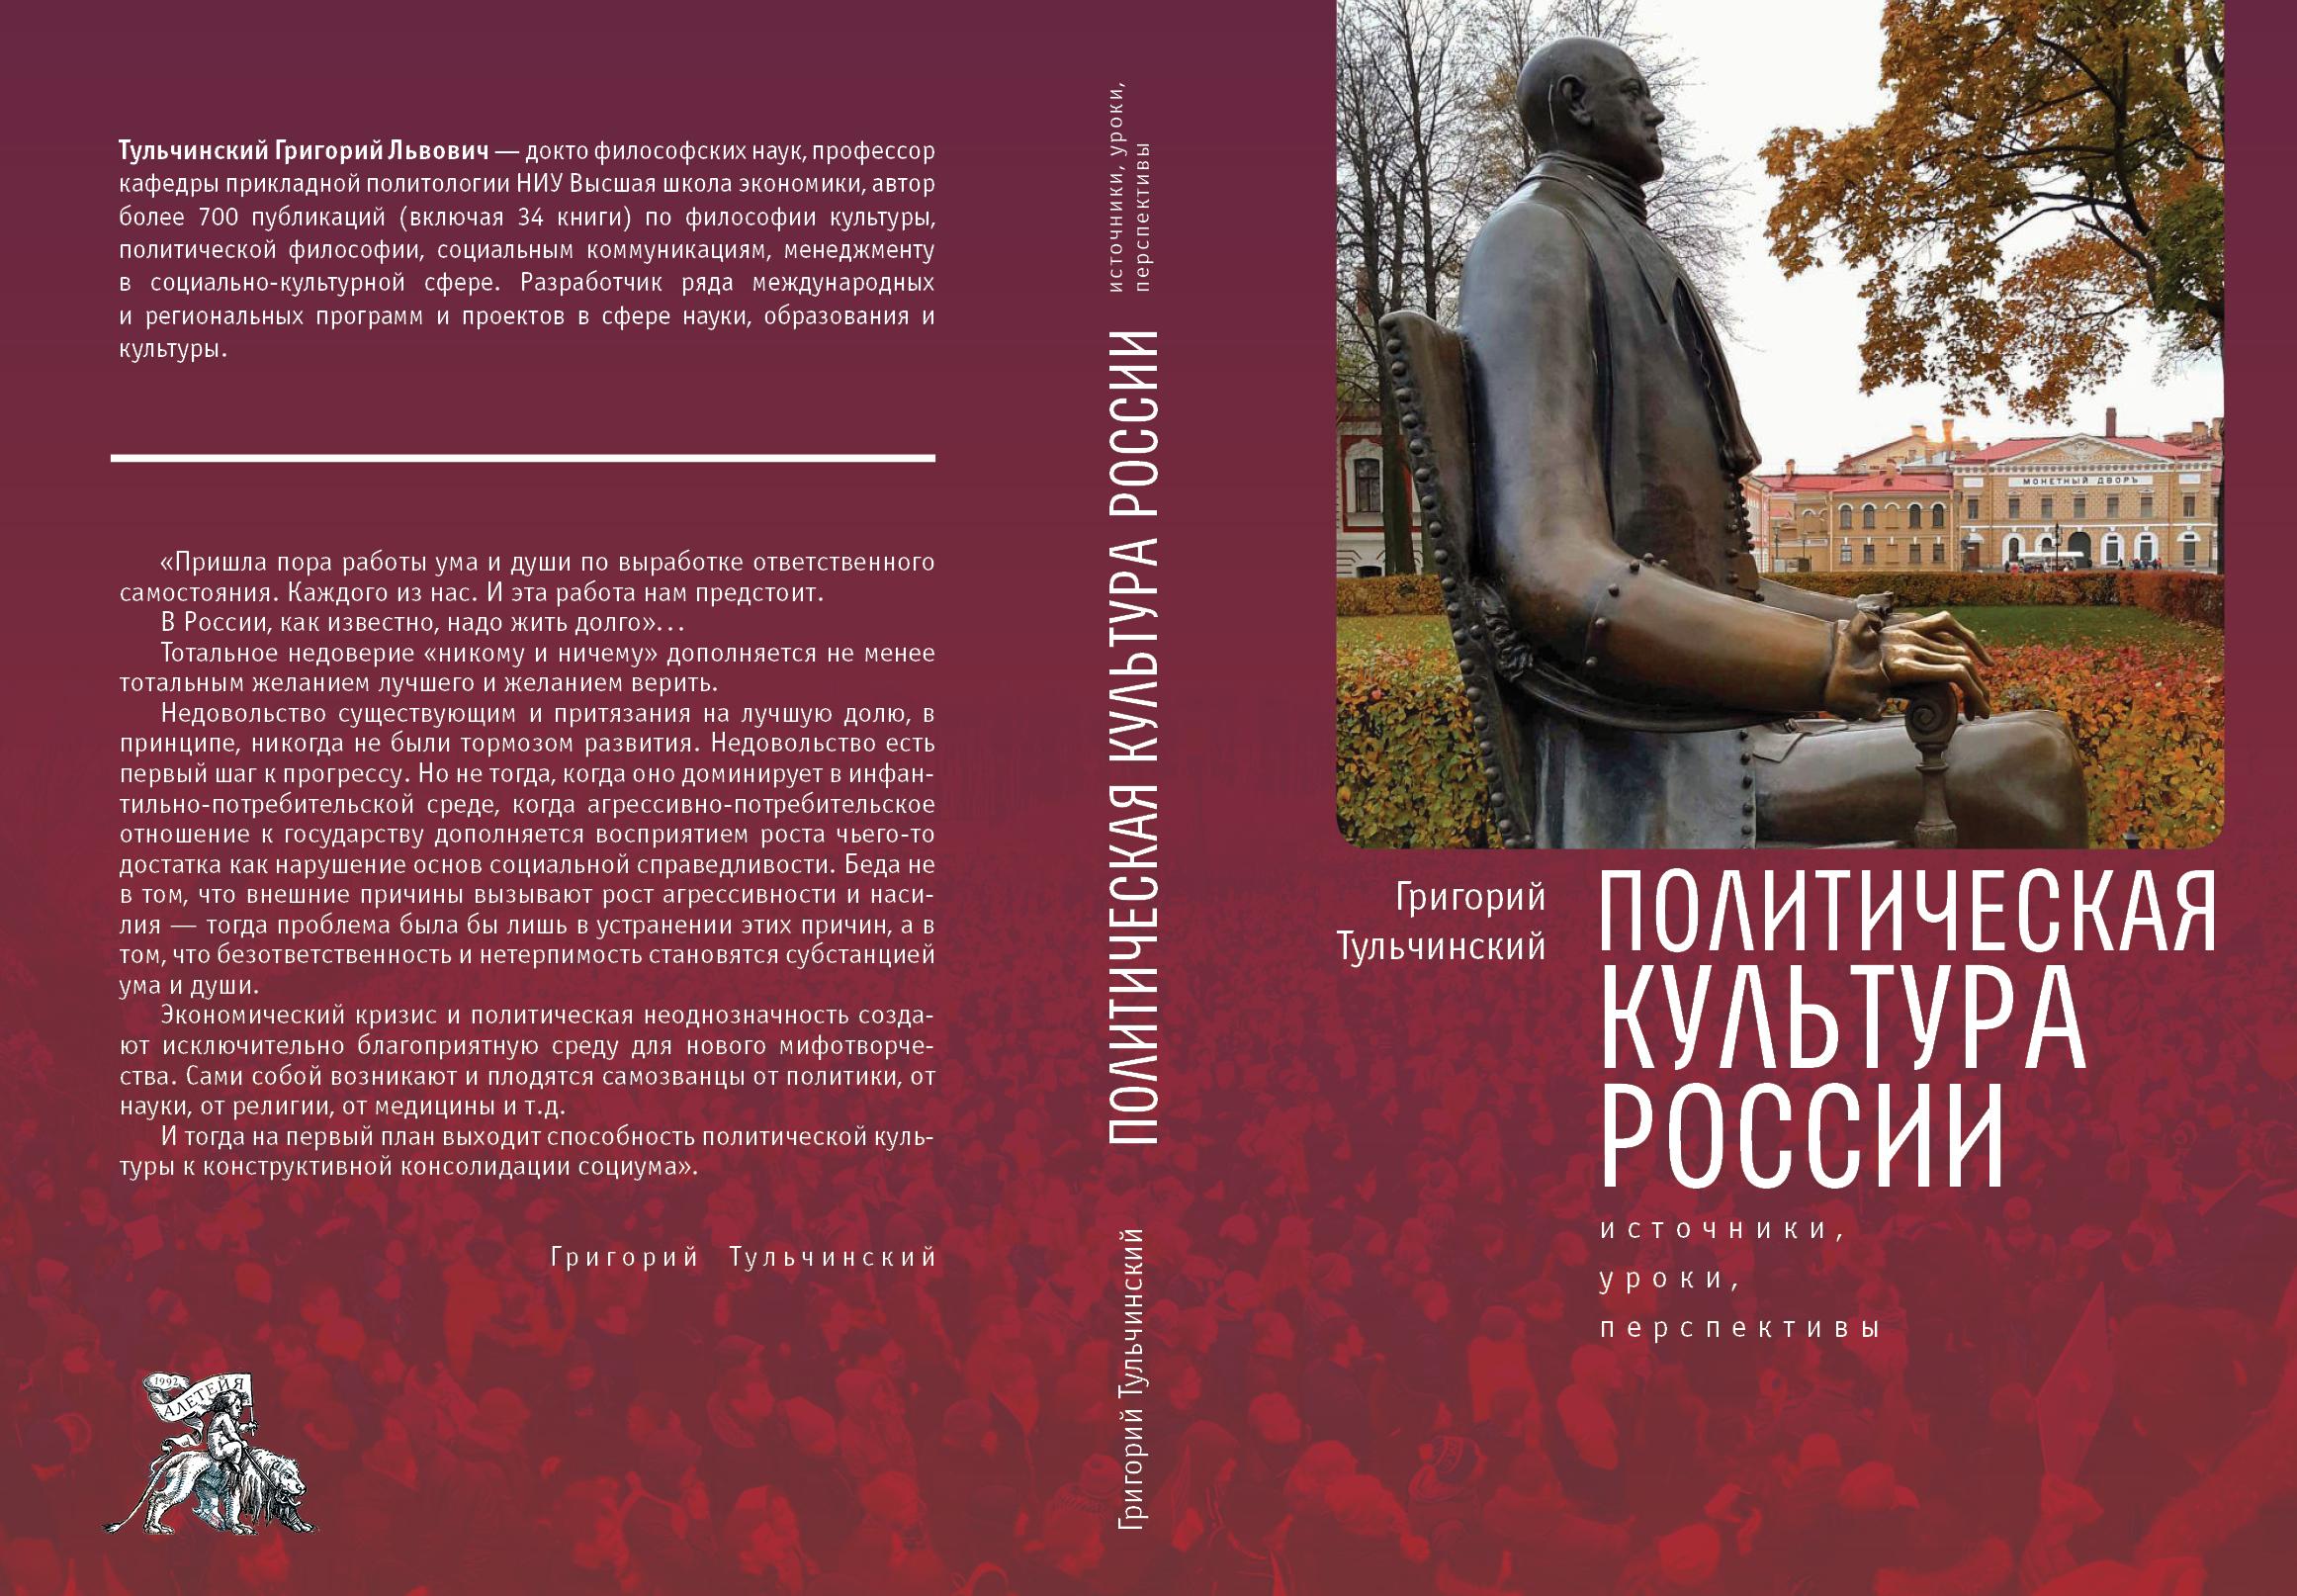 Политическая культура России: источники, уроки, перспективы